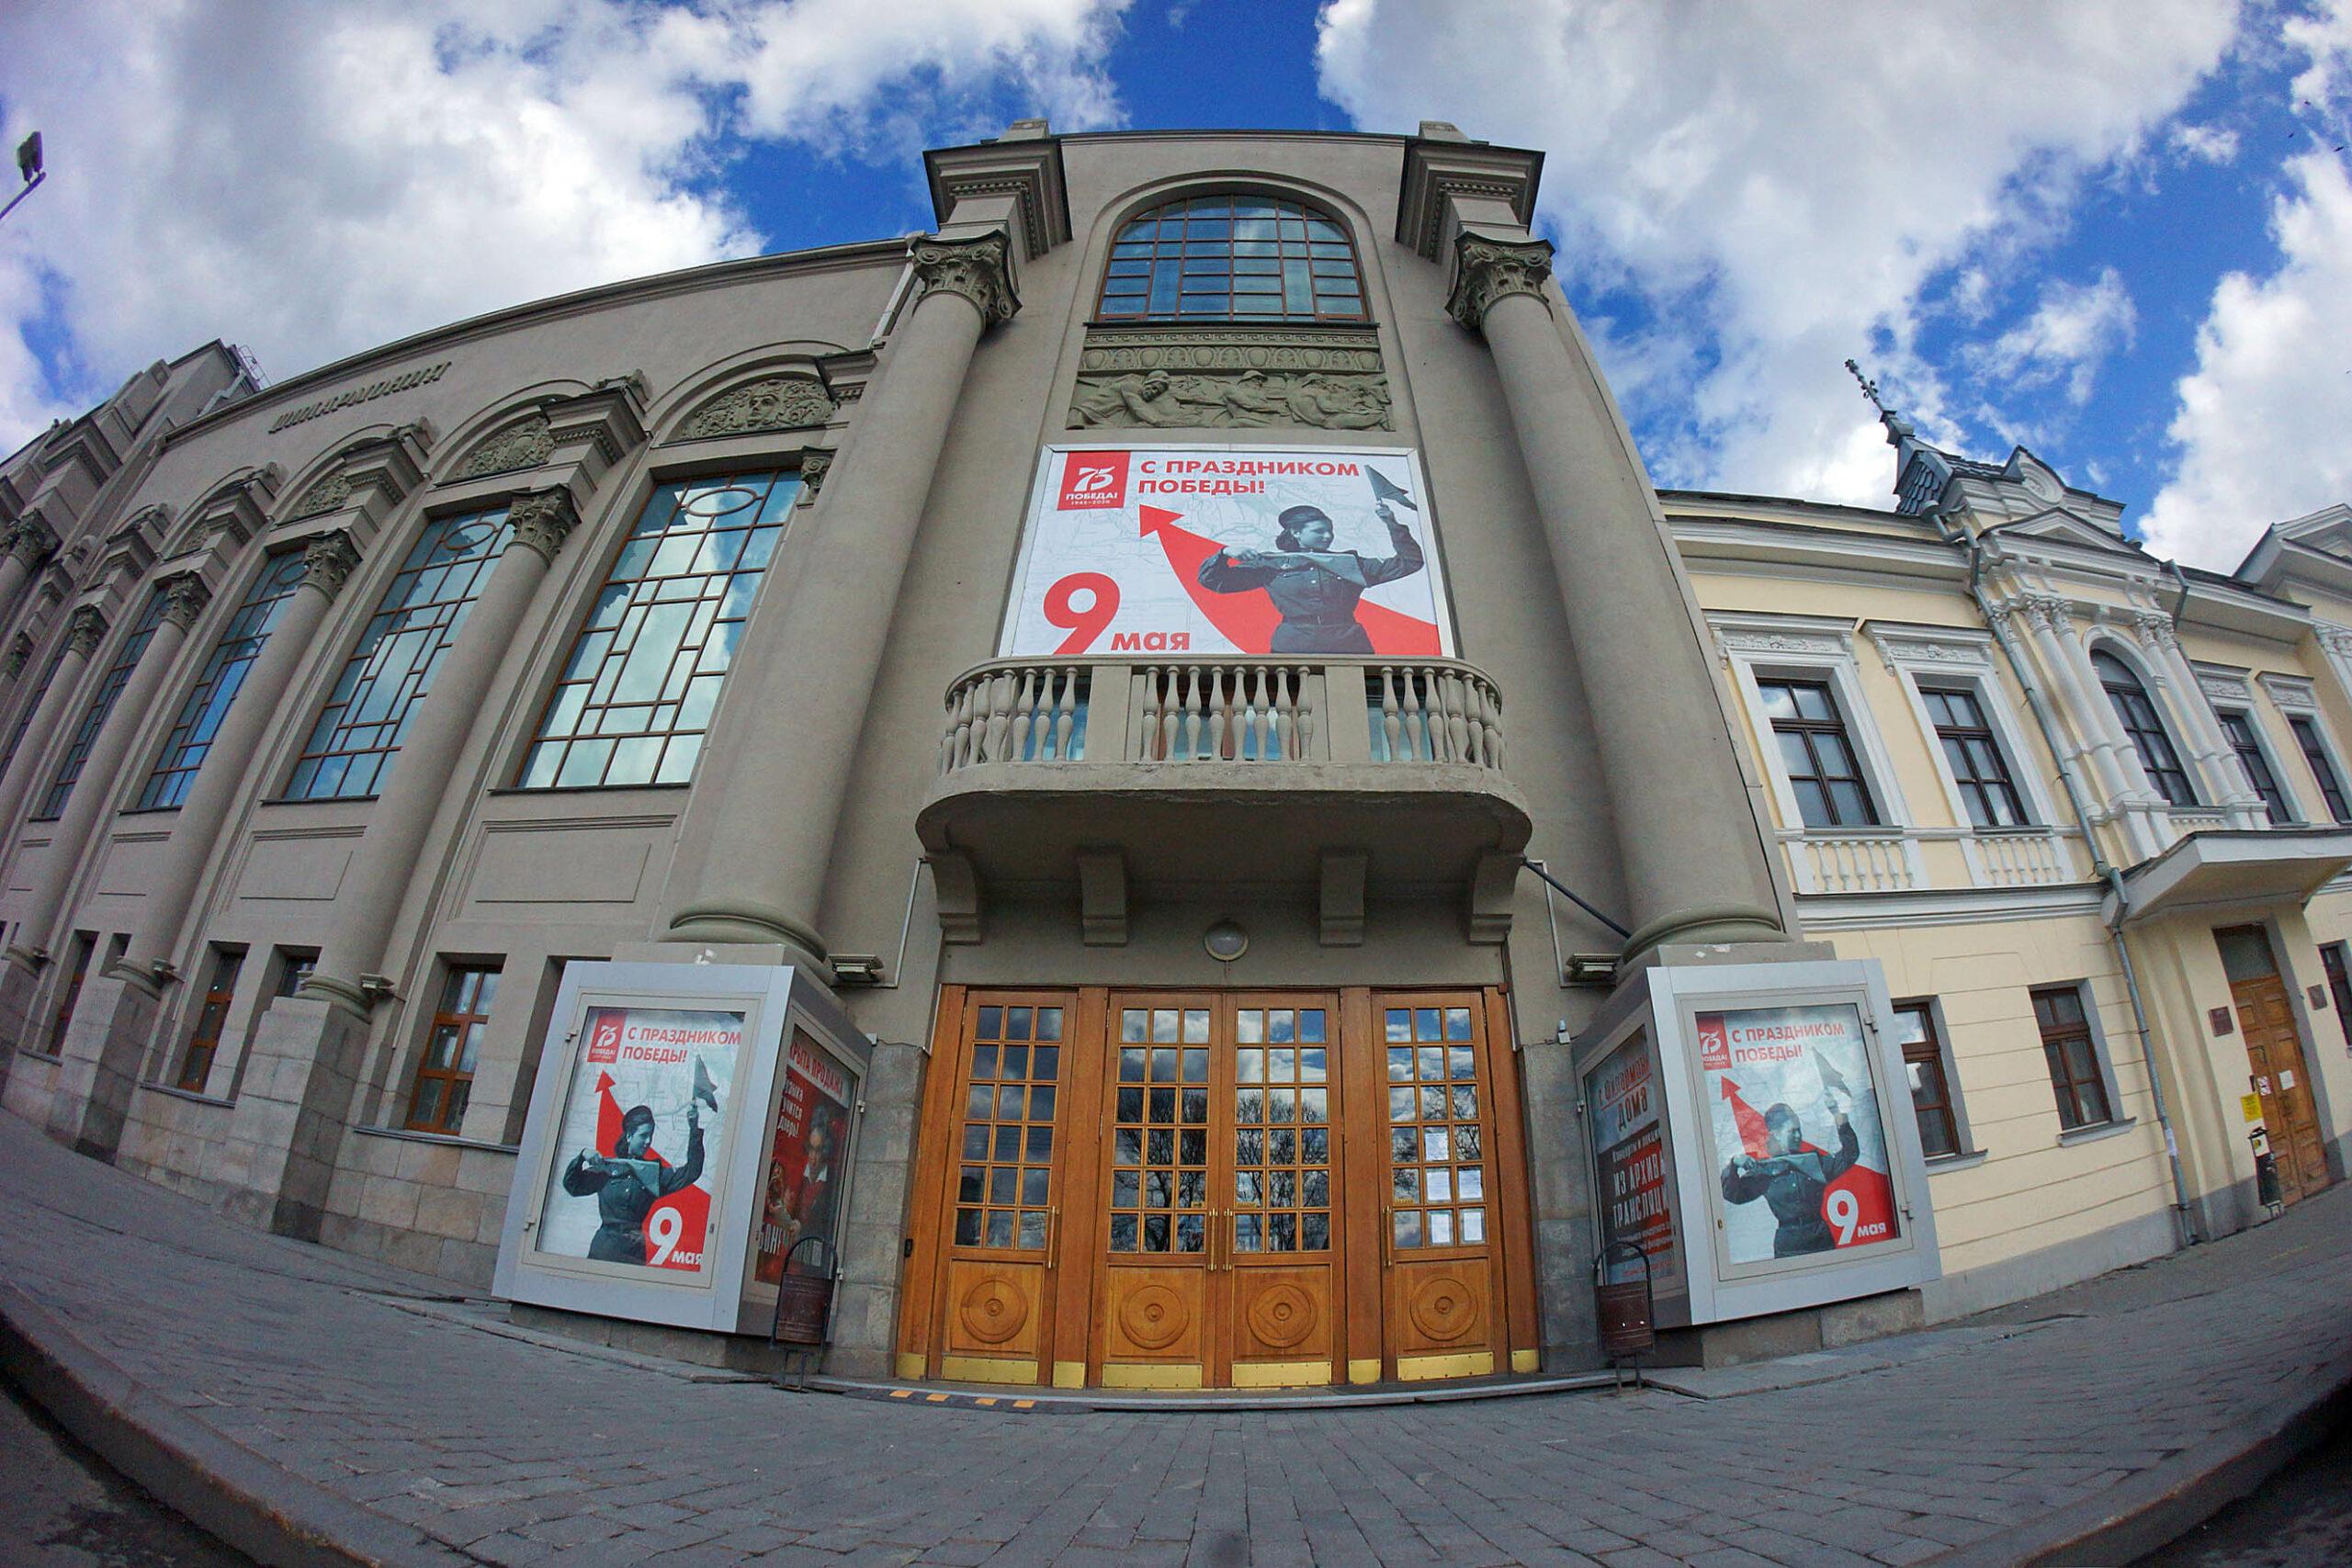 Свердловская филармония, филармонический урок, музы ведут в бой, Екатеринбург, Свердловская область